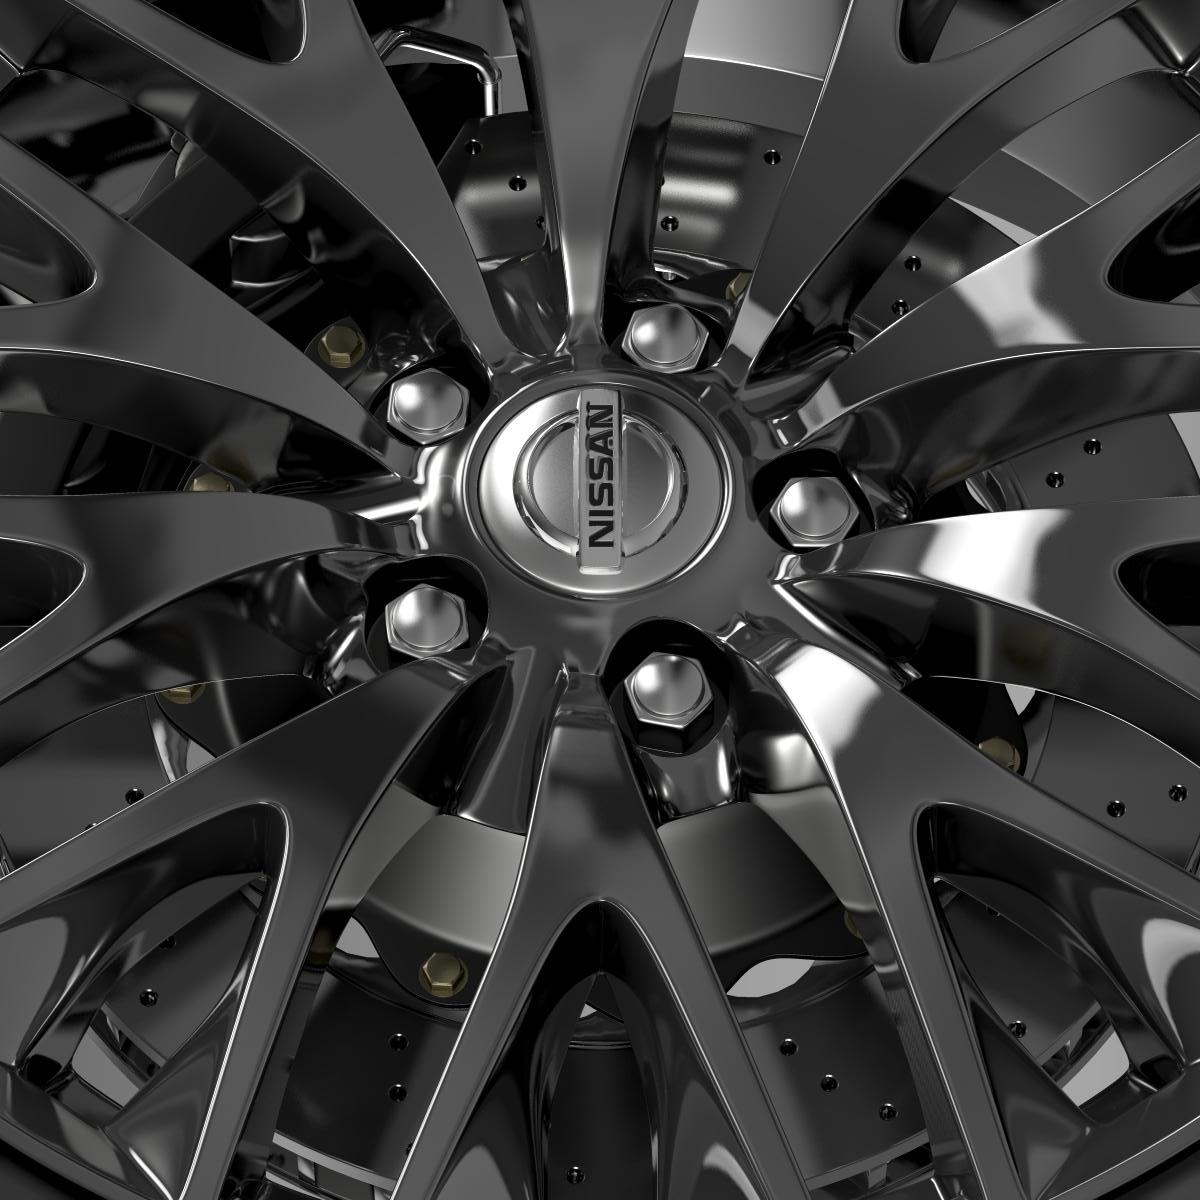 nissan cima hybrid wheel 3d model 3ds max fbx c4d lwo ma mb hrc xsi obj 210818